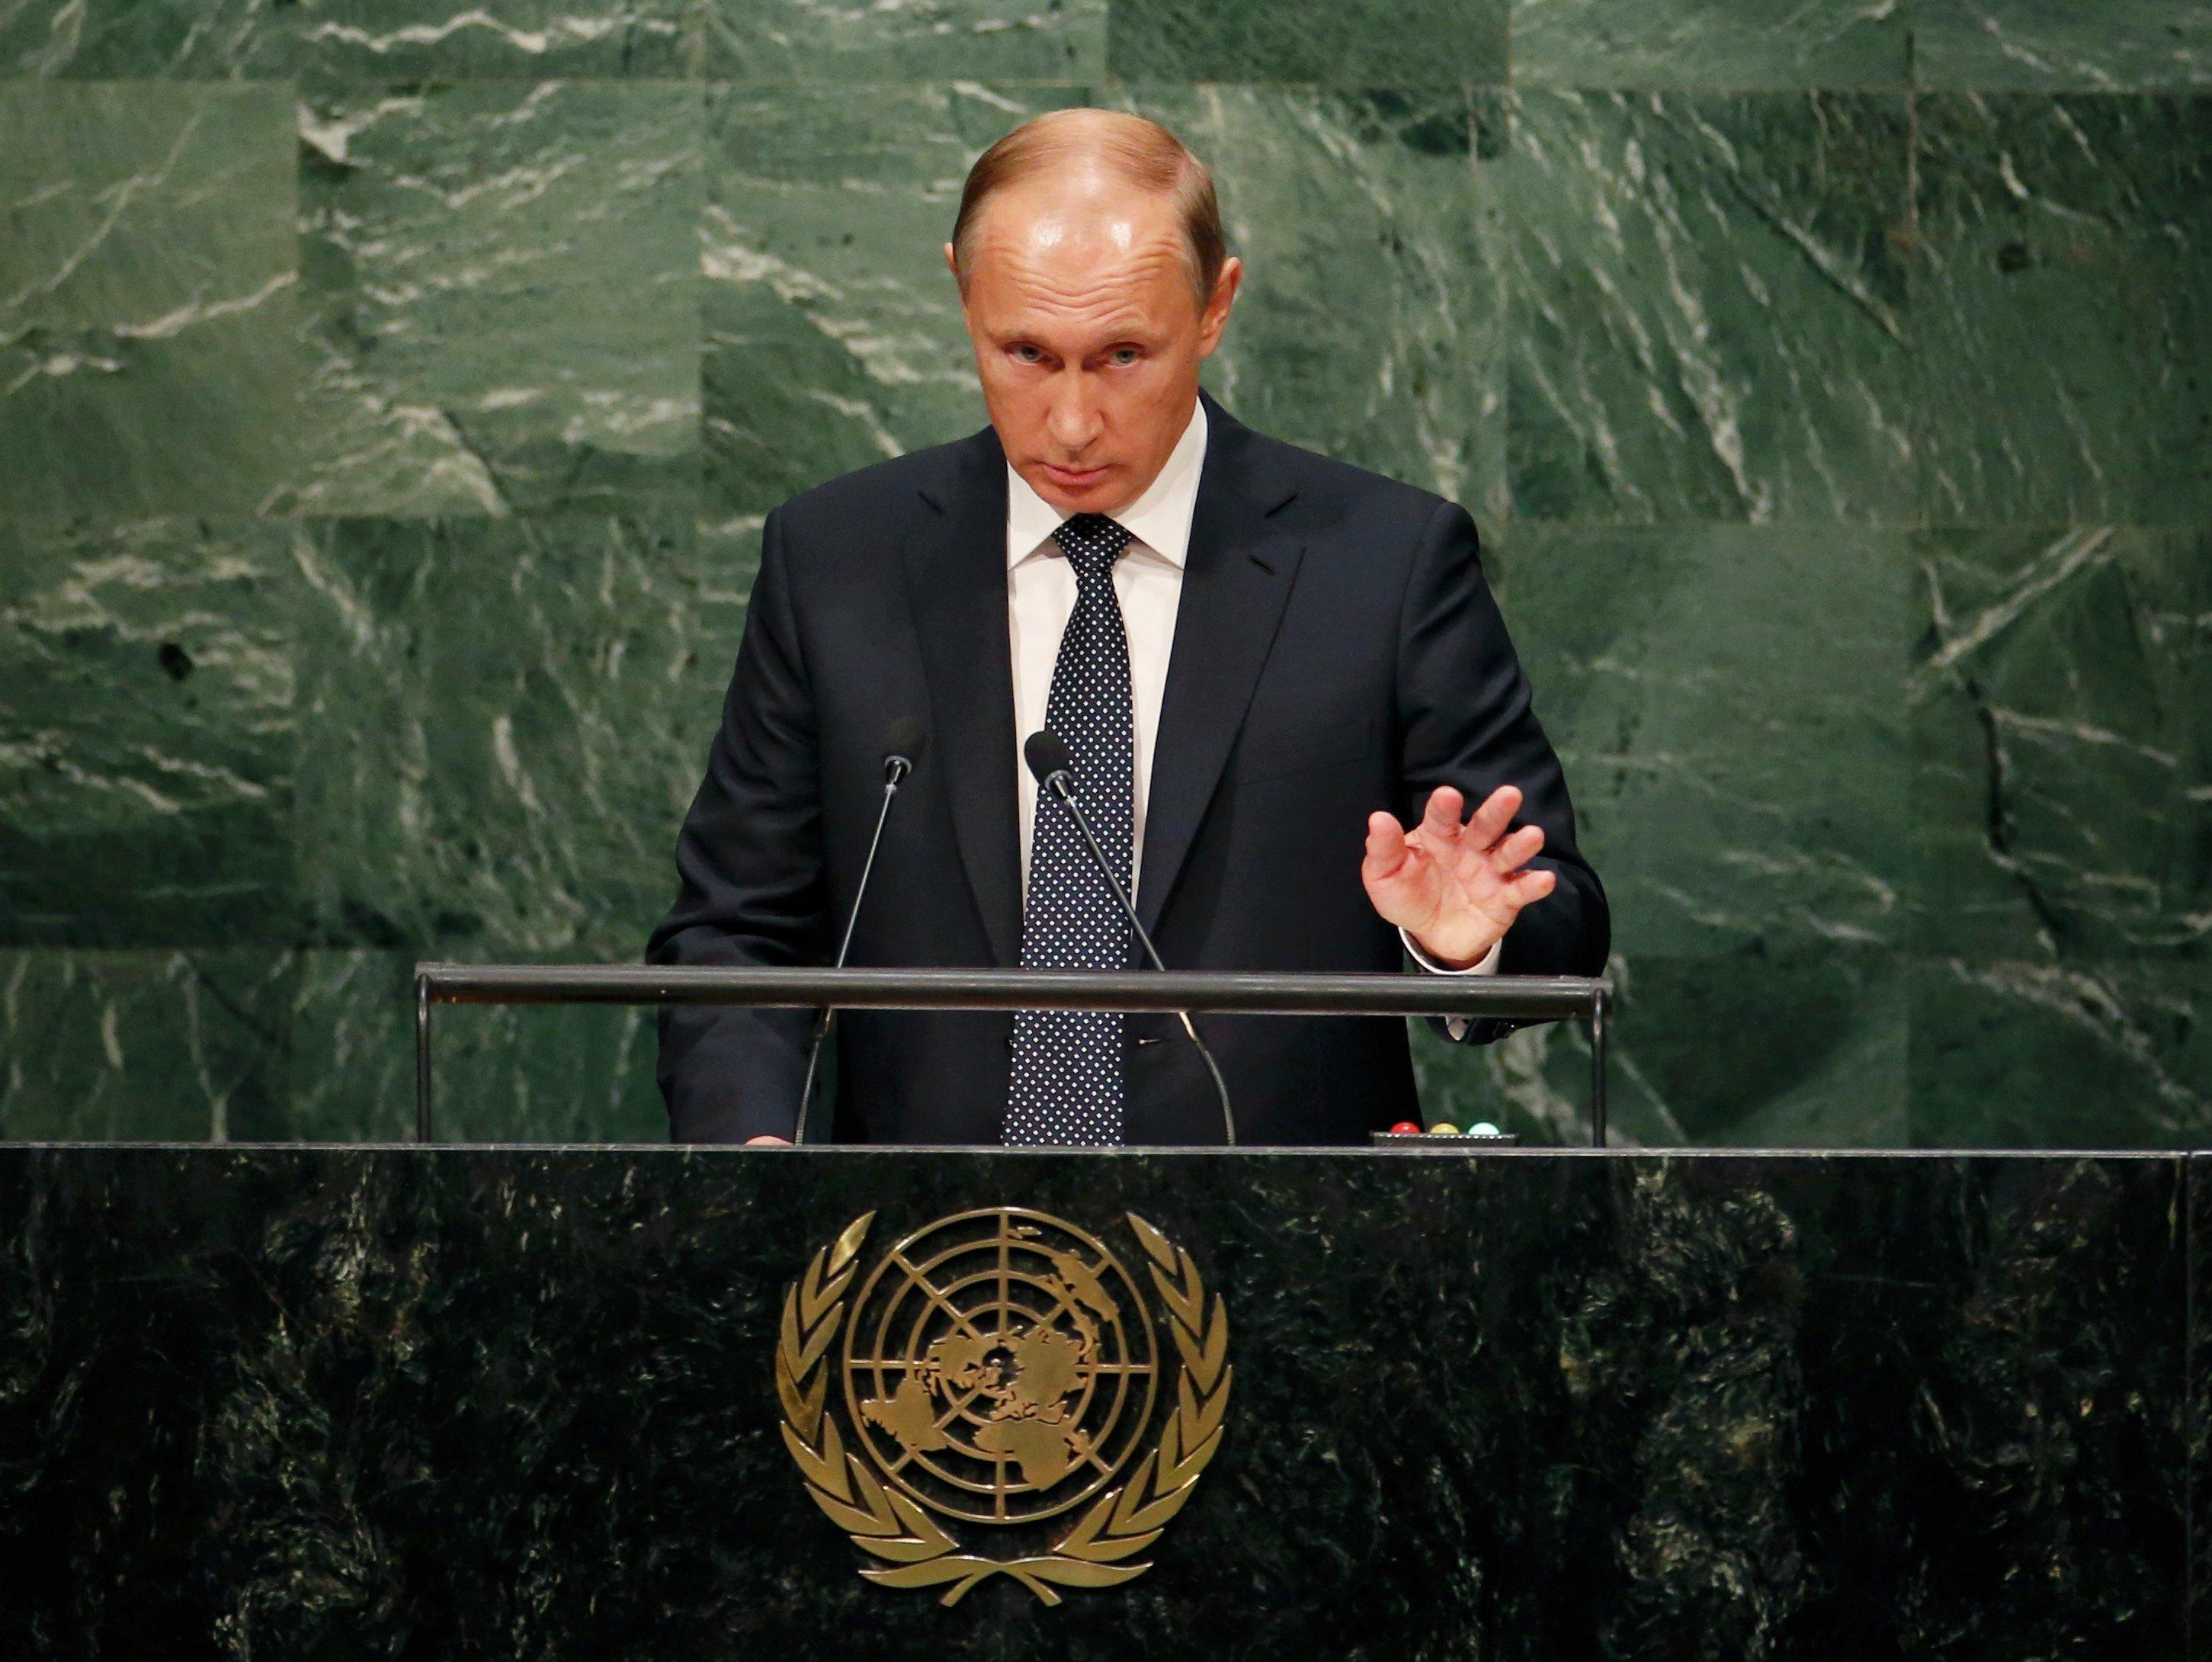 Владимир Путин во время выступления на Генассамблее ООН